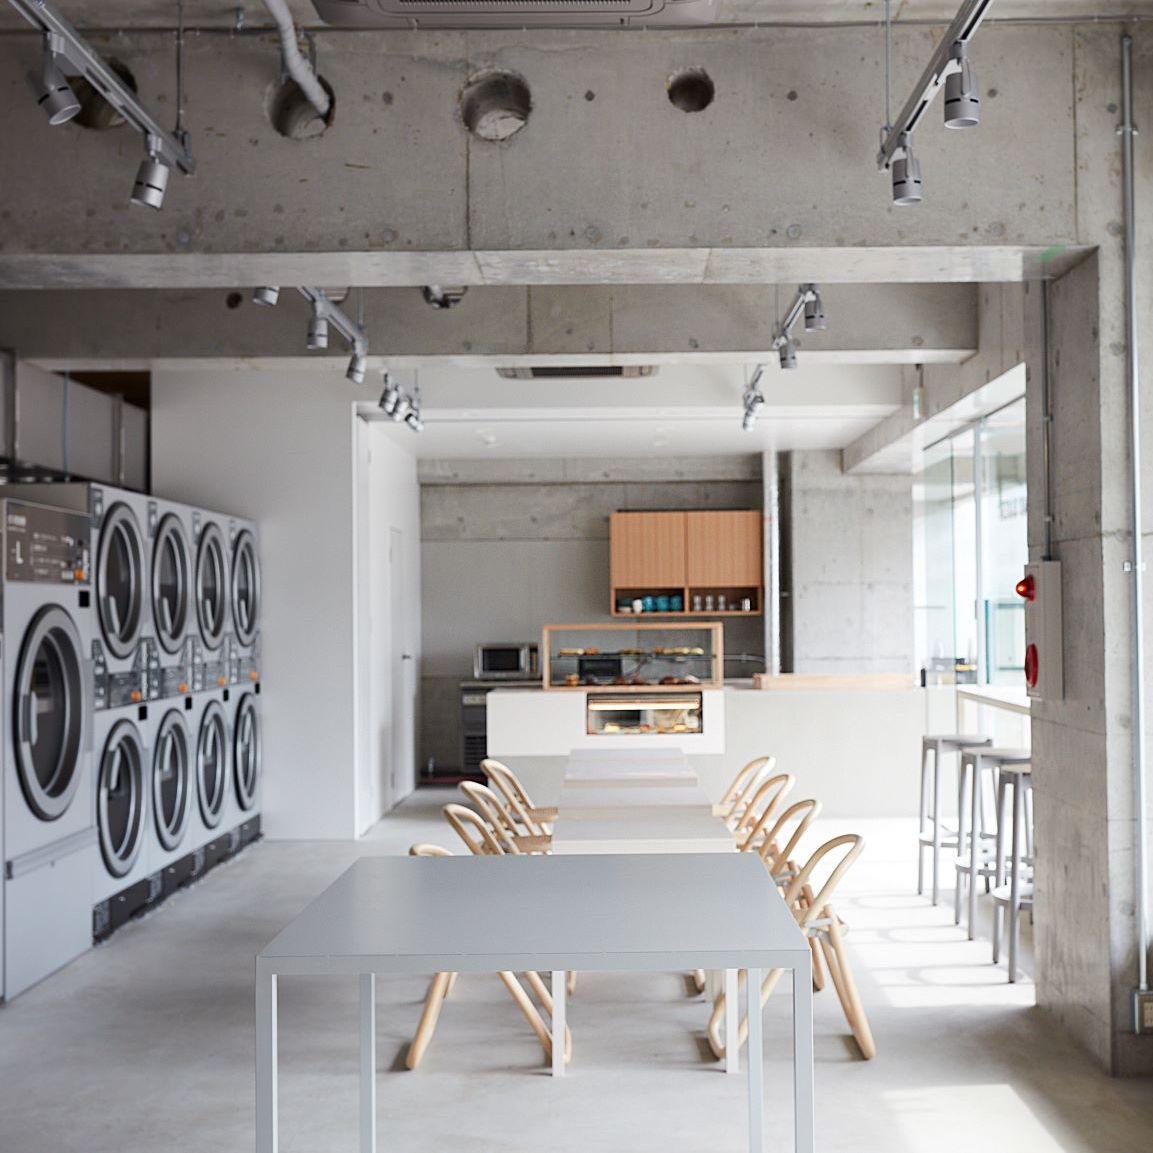 洗濯も憩いの時間に。コインランドリー'なのにカフェ'のお店が代々木上原にオープン